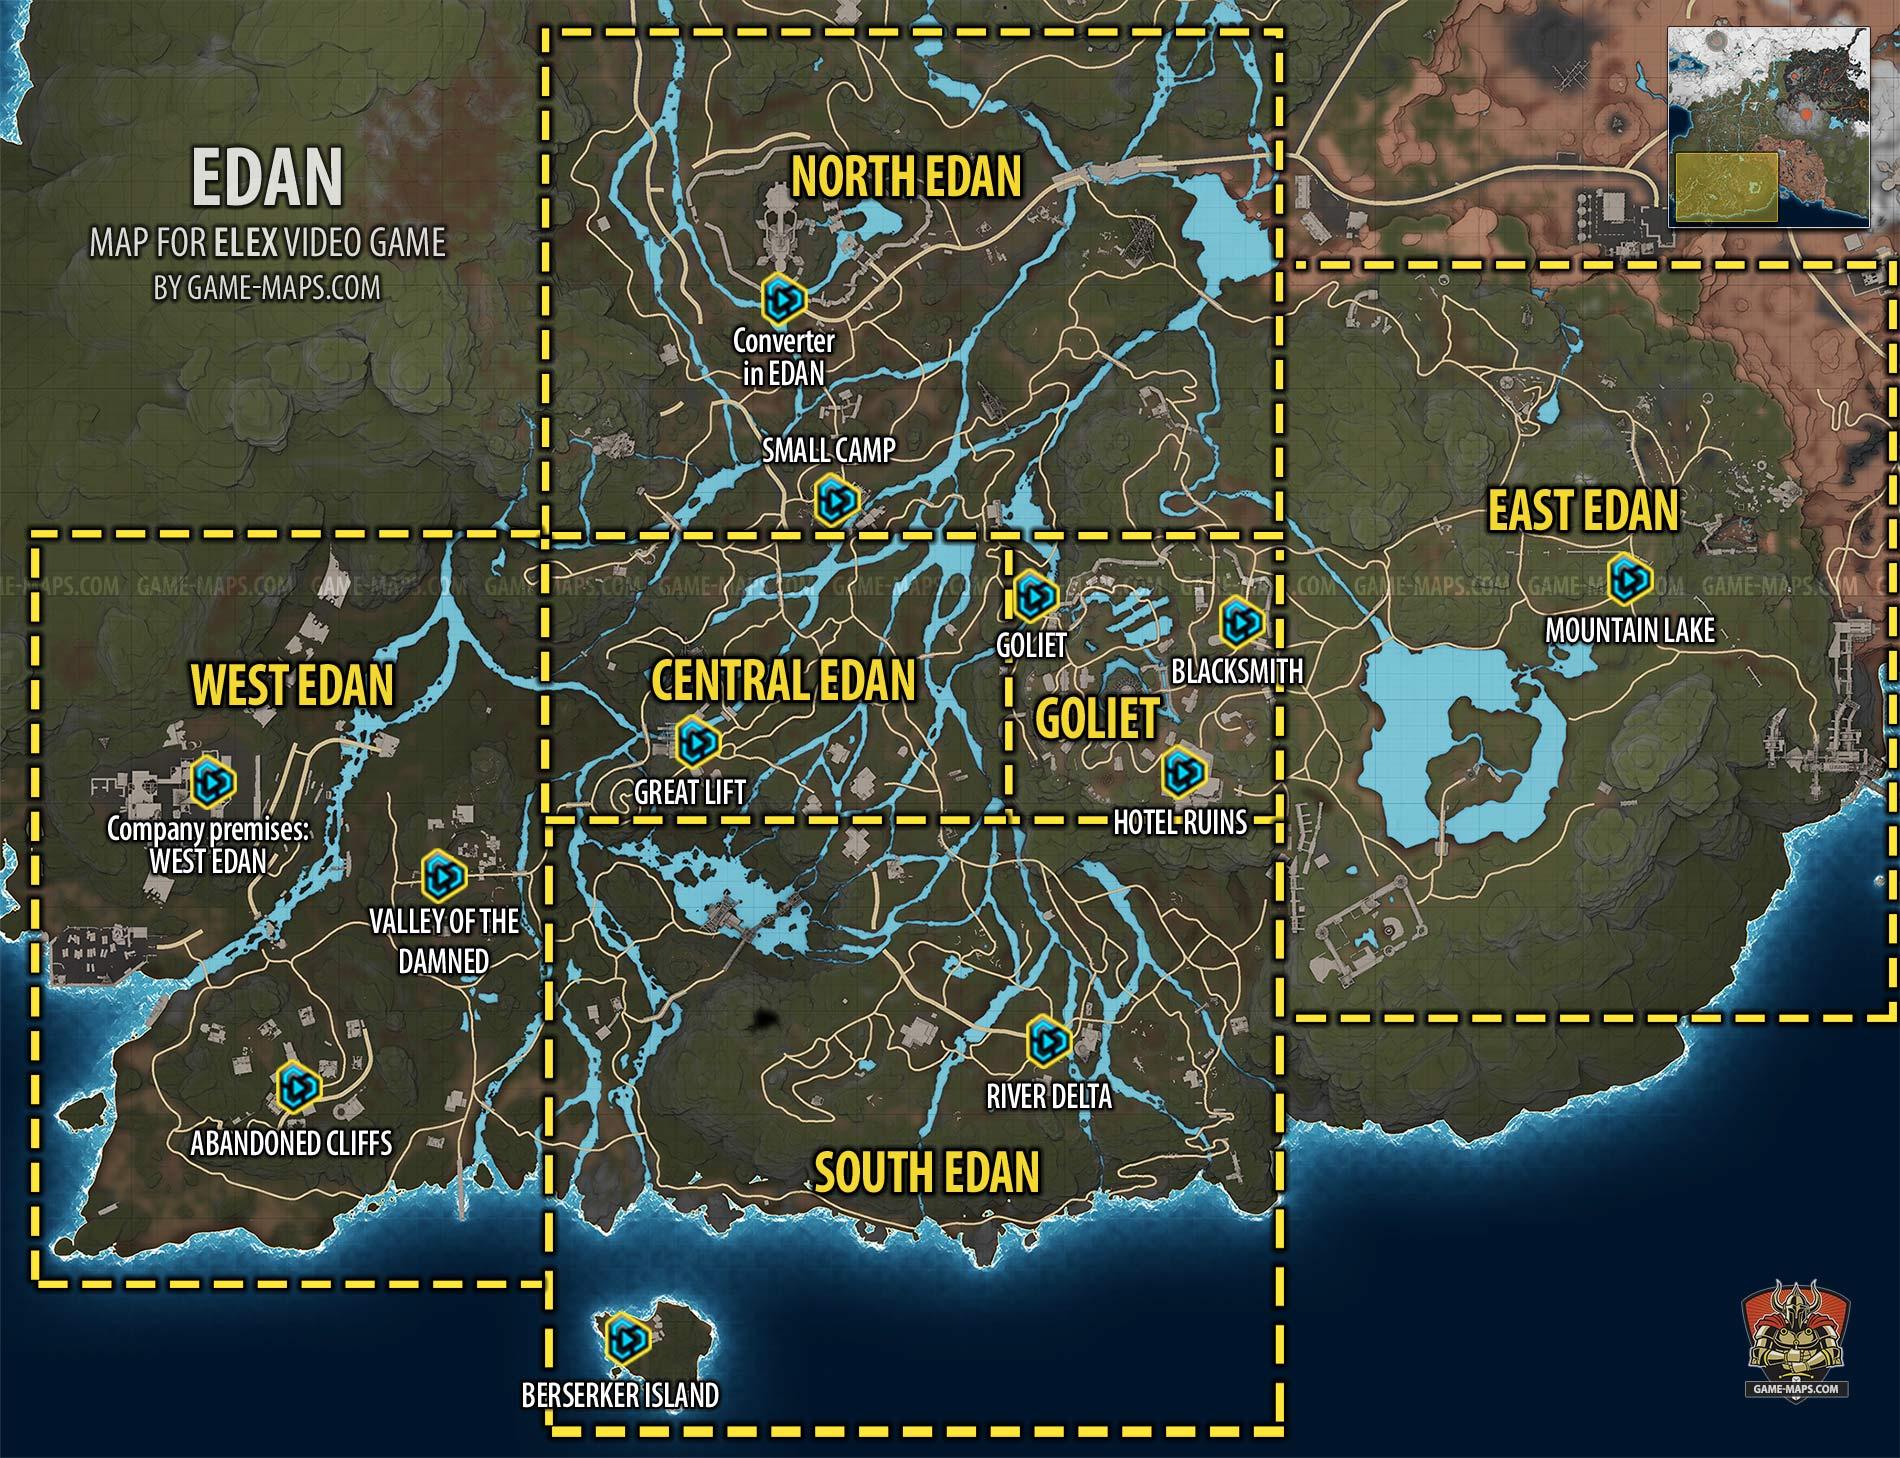 elex karte Edan Map | ELEX | game maps.com